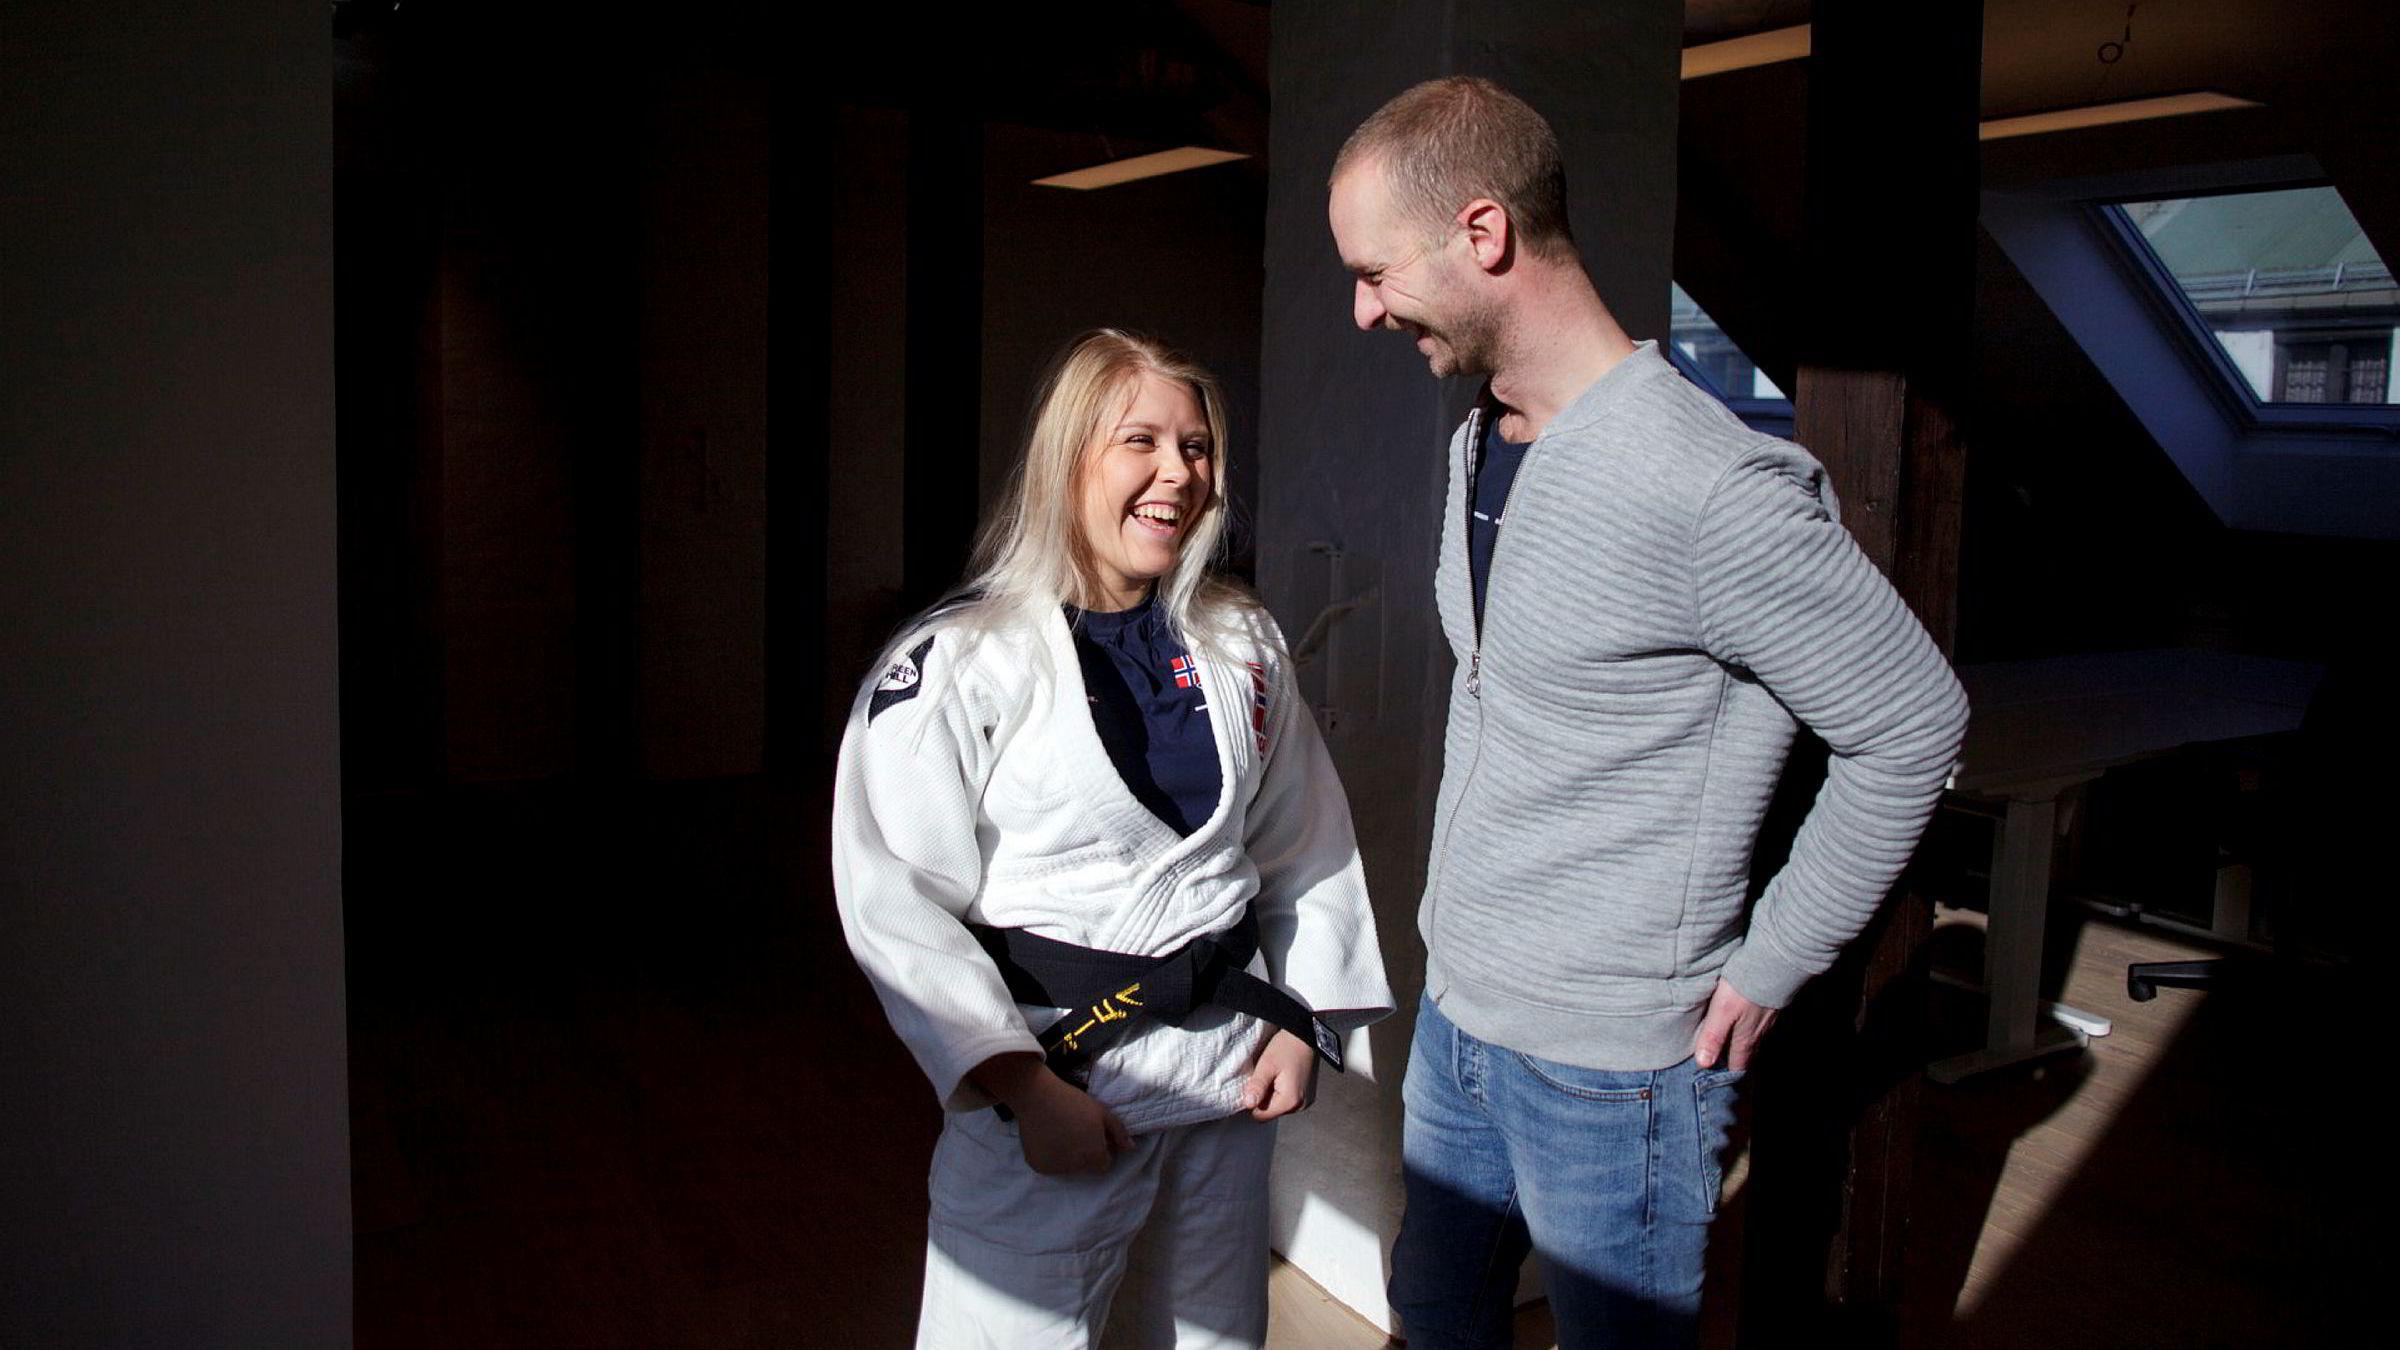 Thea Lillegaard bruker tjenesten til gründer Ola Akselberg og Sponsor.me for å finansiere satsingen sin på judo.